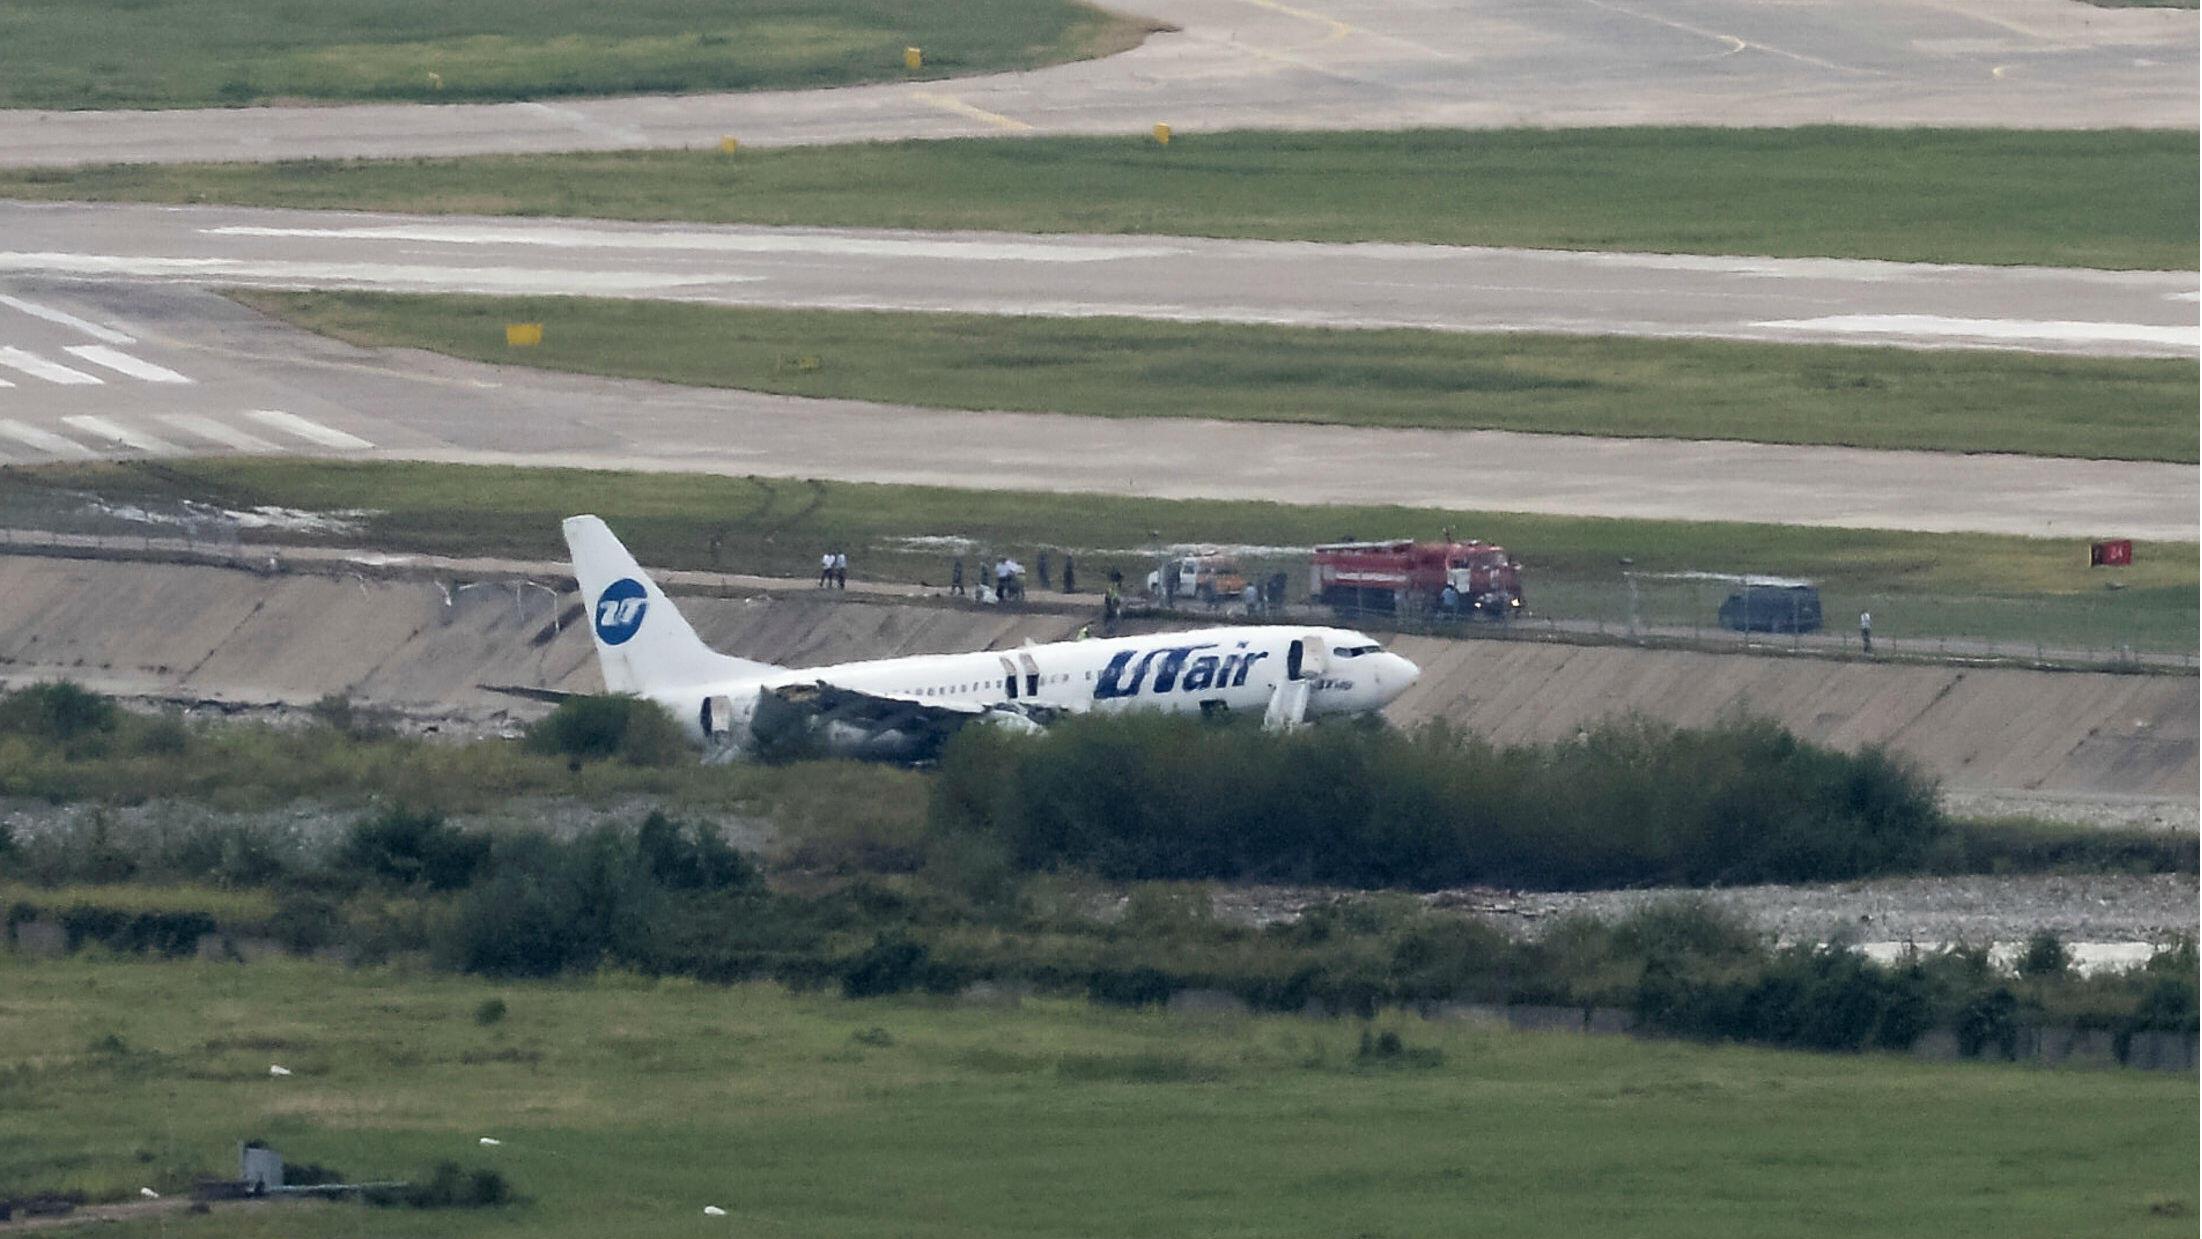 El Boeing 737-800 de la aerolínea Utair, que transportaba 164 pasajeros y seis tripulantes, se observa en una pista del aeropuerto en Sochi, el 1 de septiembre de 2018.